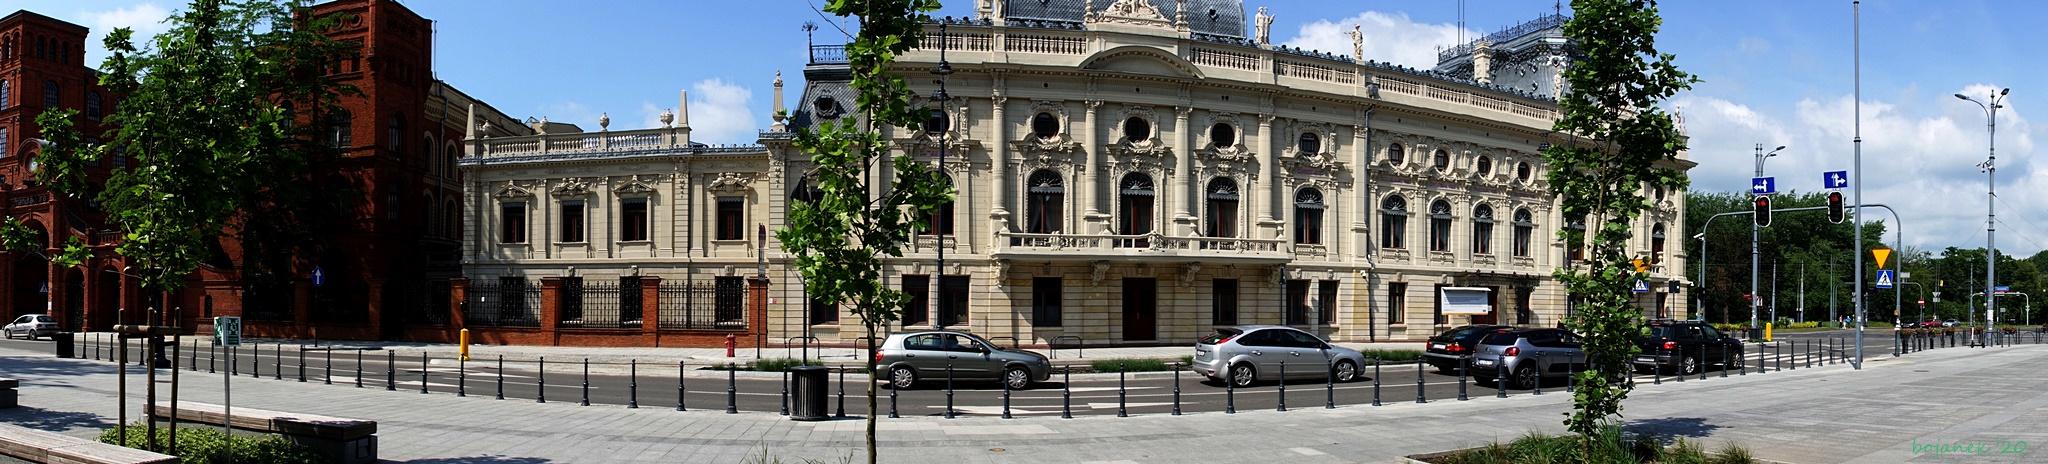 Pałac rodziny Poznańskich 22